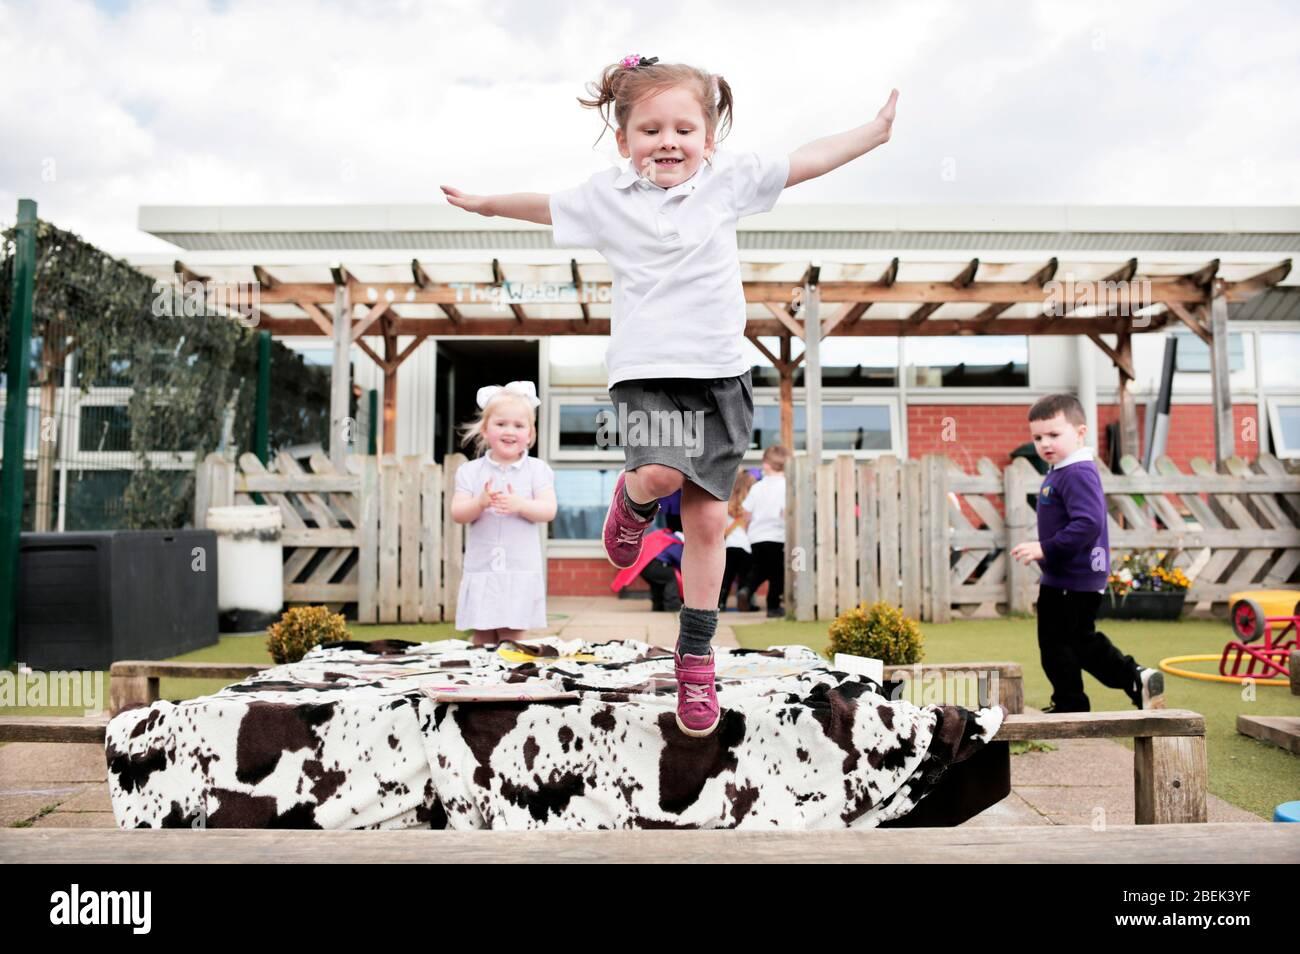 Kinder im Spielplatz im Freien in einem Kindergarten in Darlington, County Durham, Großbritannien. 18/4/2018. Foto: Stuart Boulton. Stockfoto